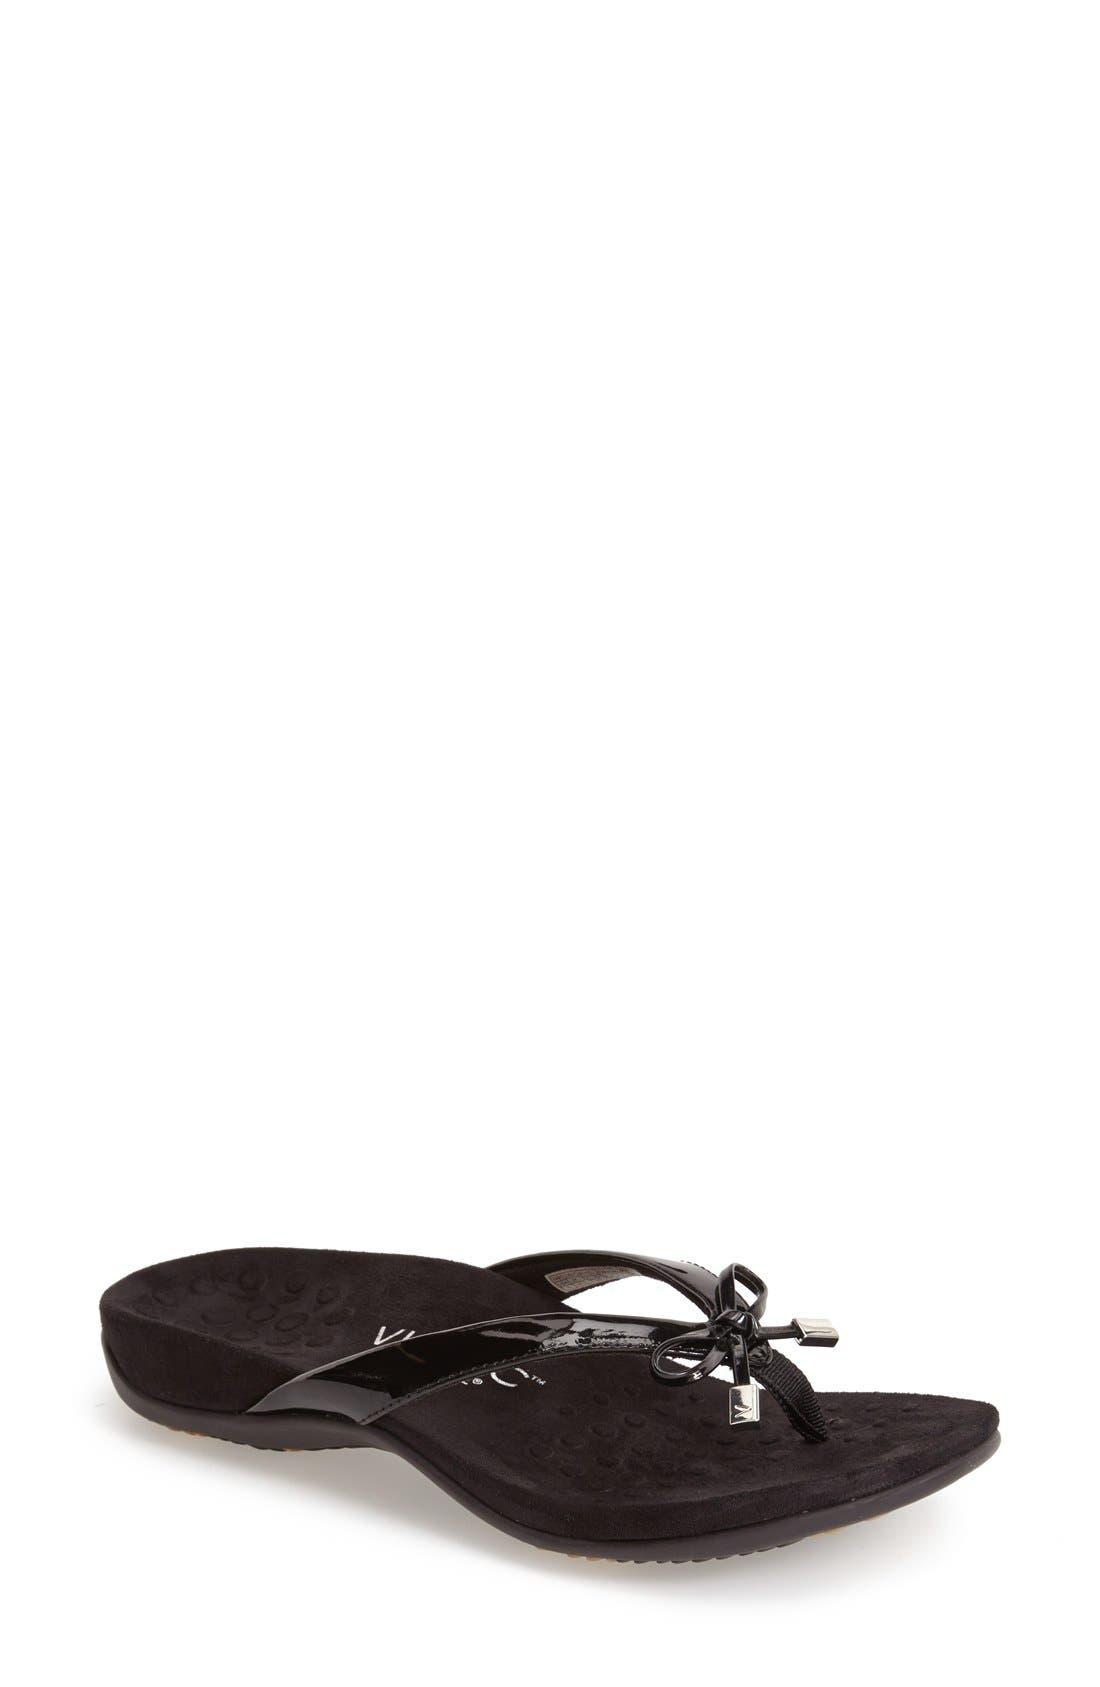 d7c94040050e Vionic  Bella Ii  Sandal- Black